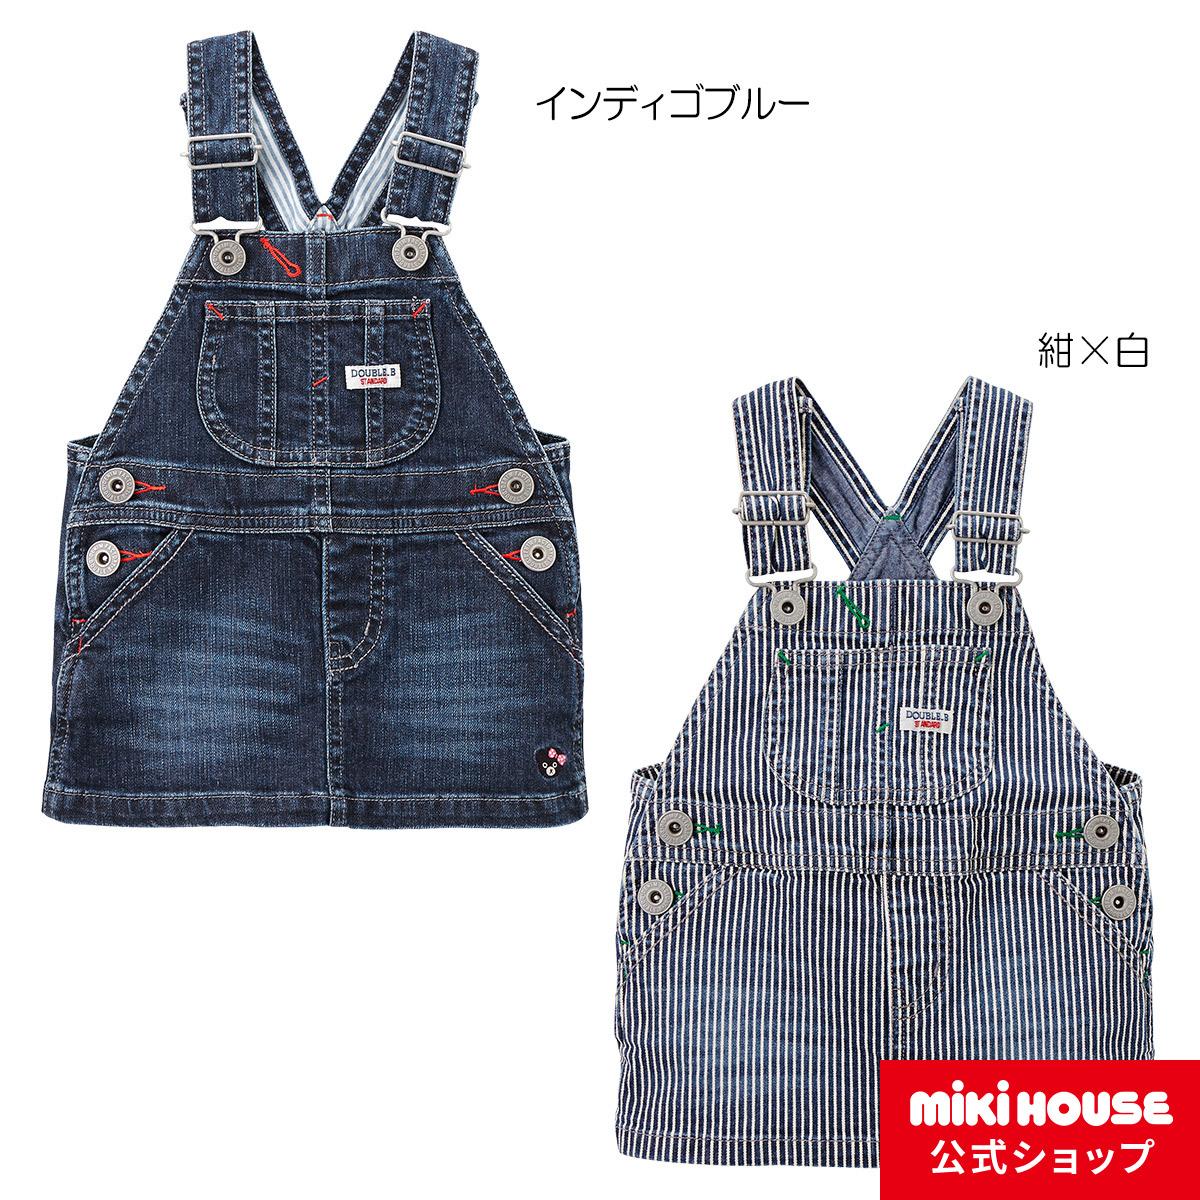 ミキハウス ダブルビー mikihouse スタンダードサロペットスカート(100cm・110cm) バーゲン